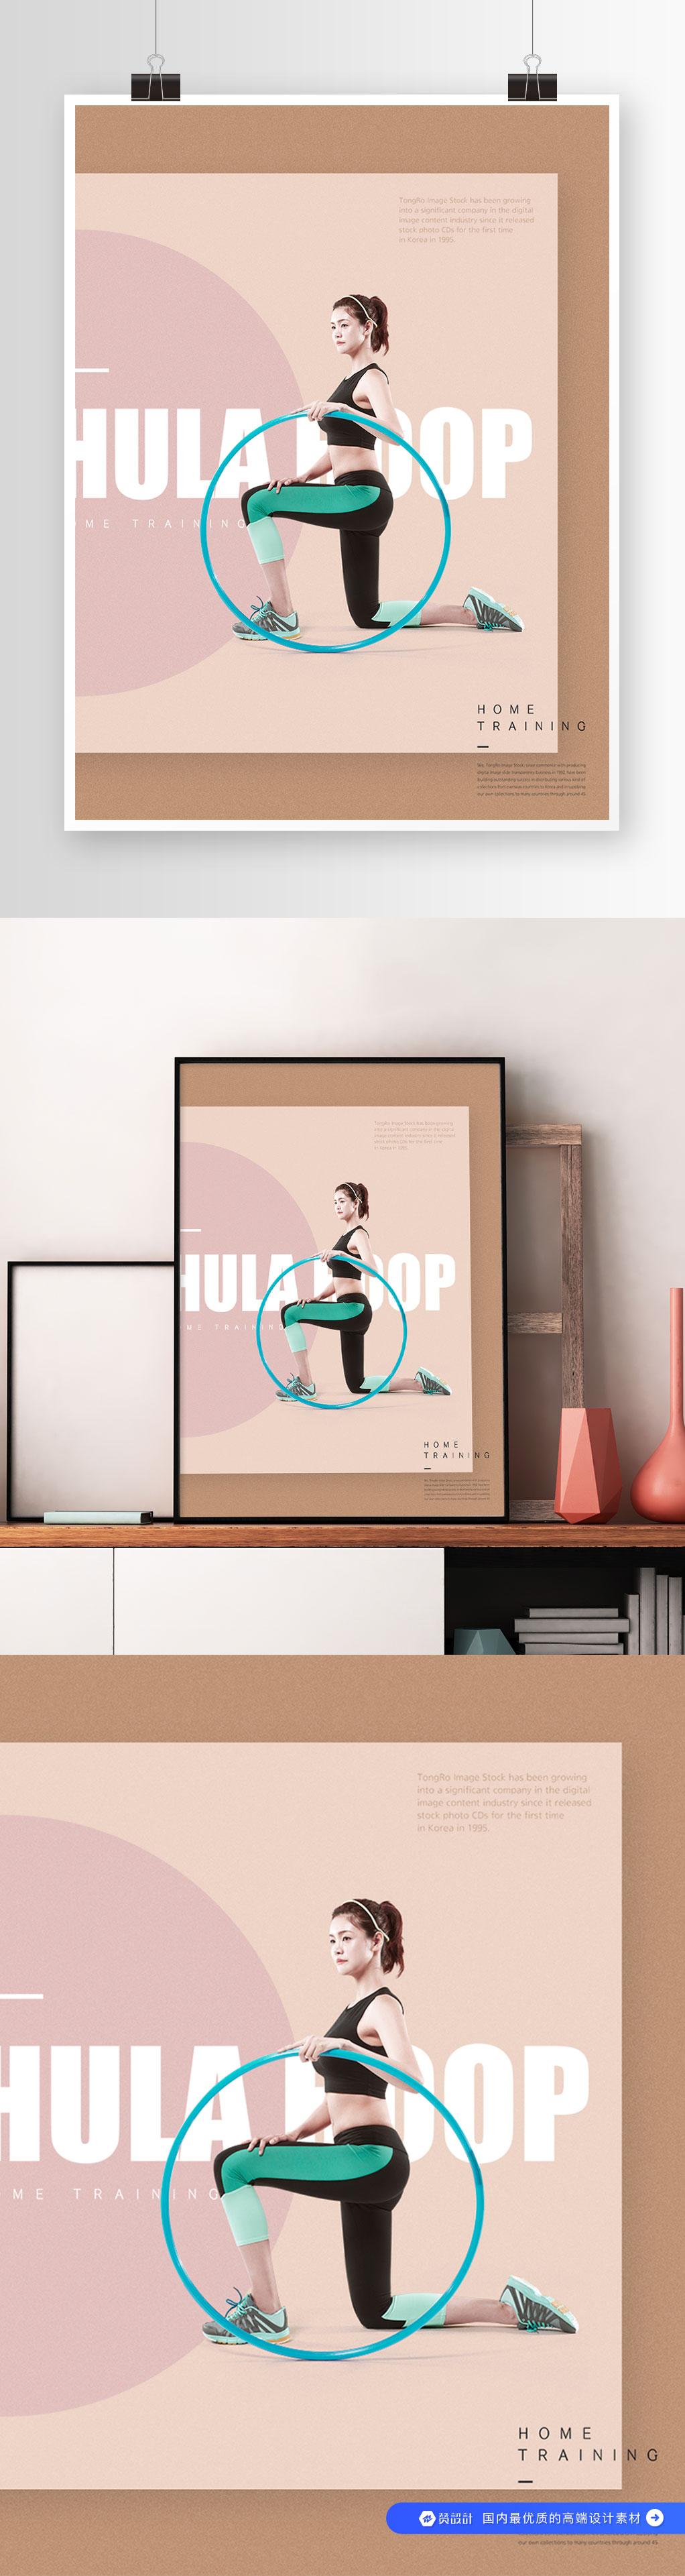 养生运动瑜伽美女健身海报设计素材(4)